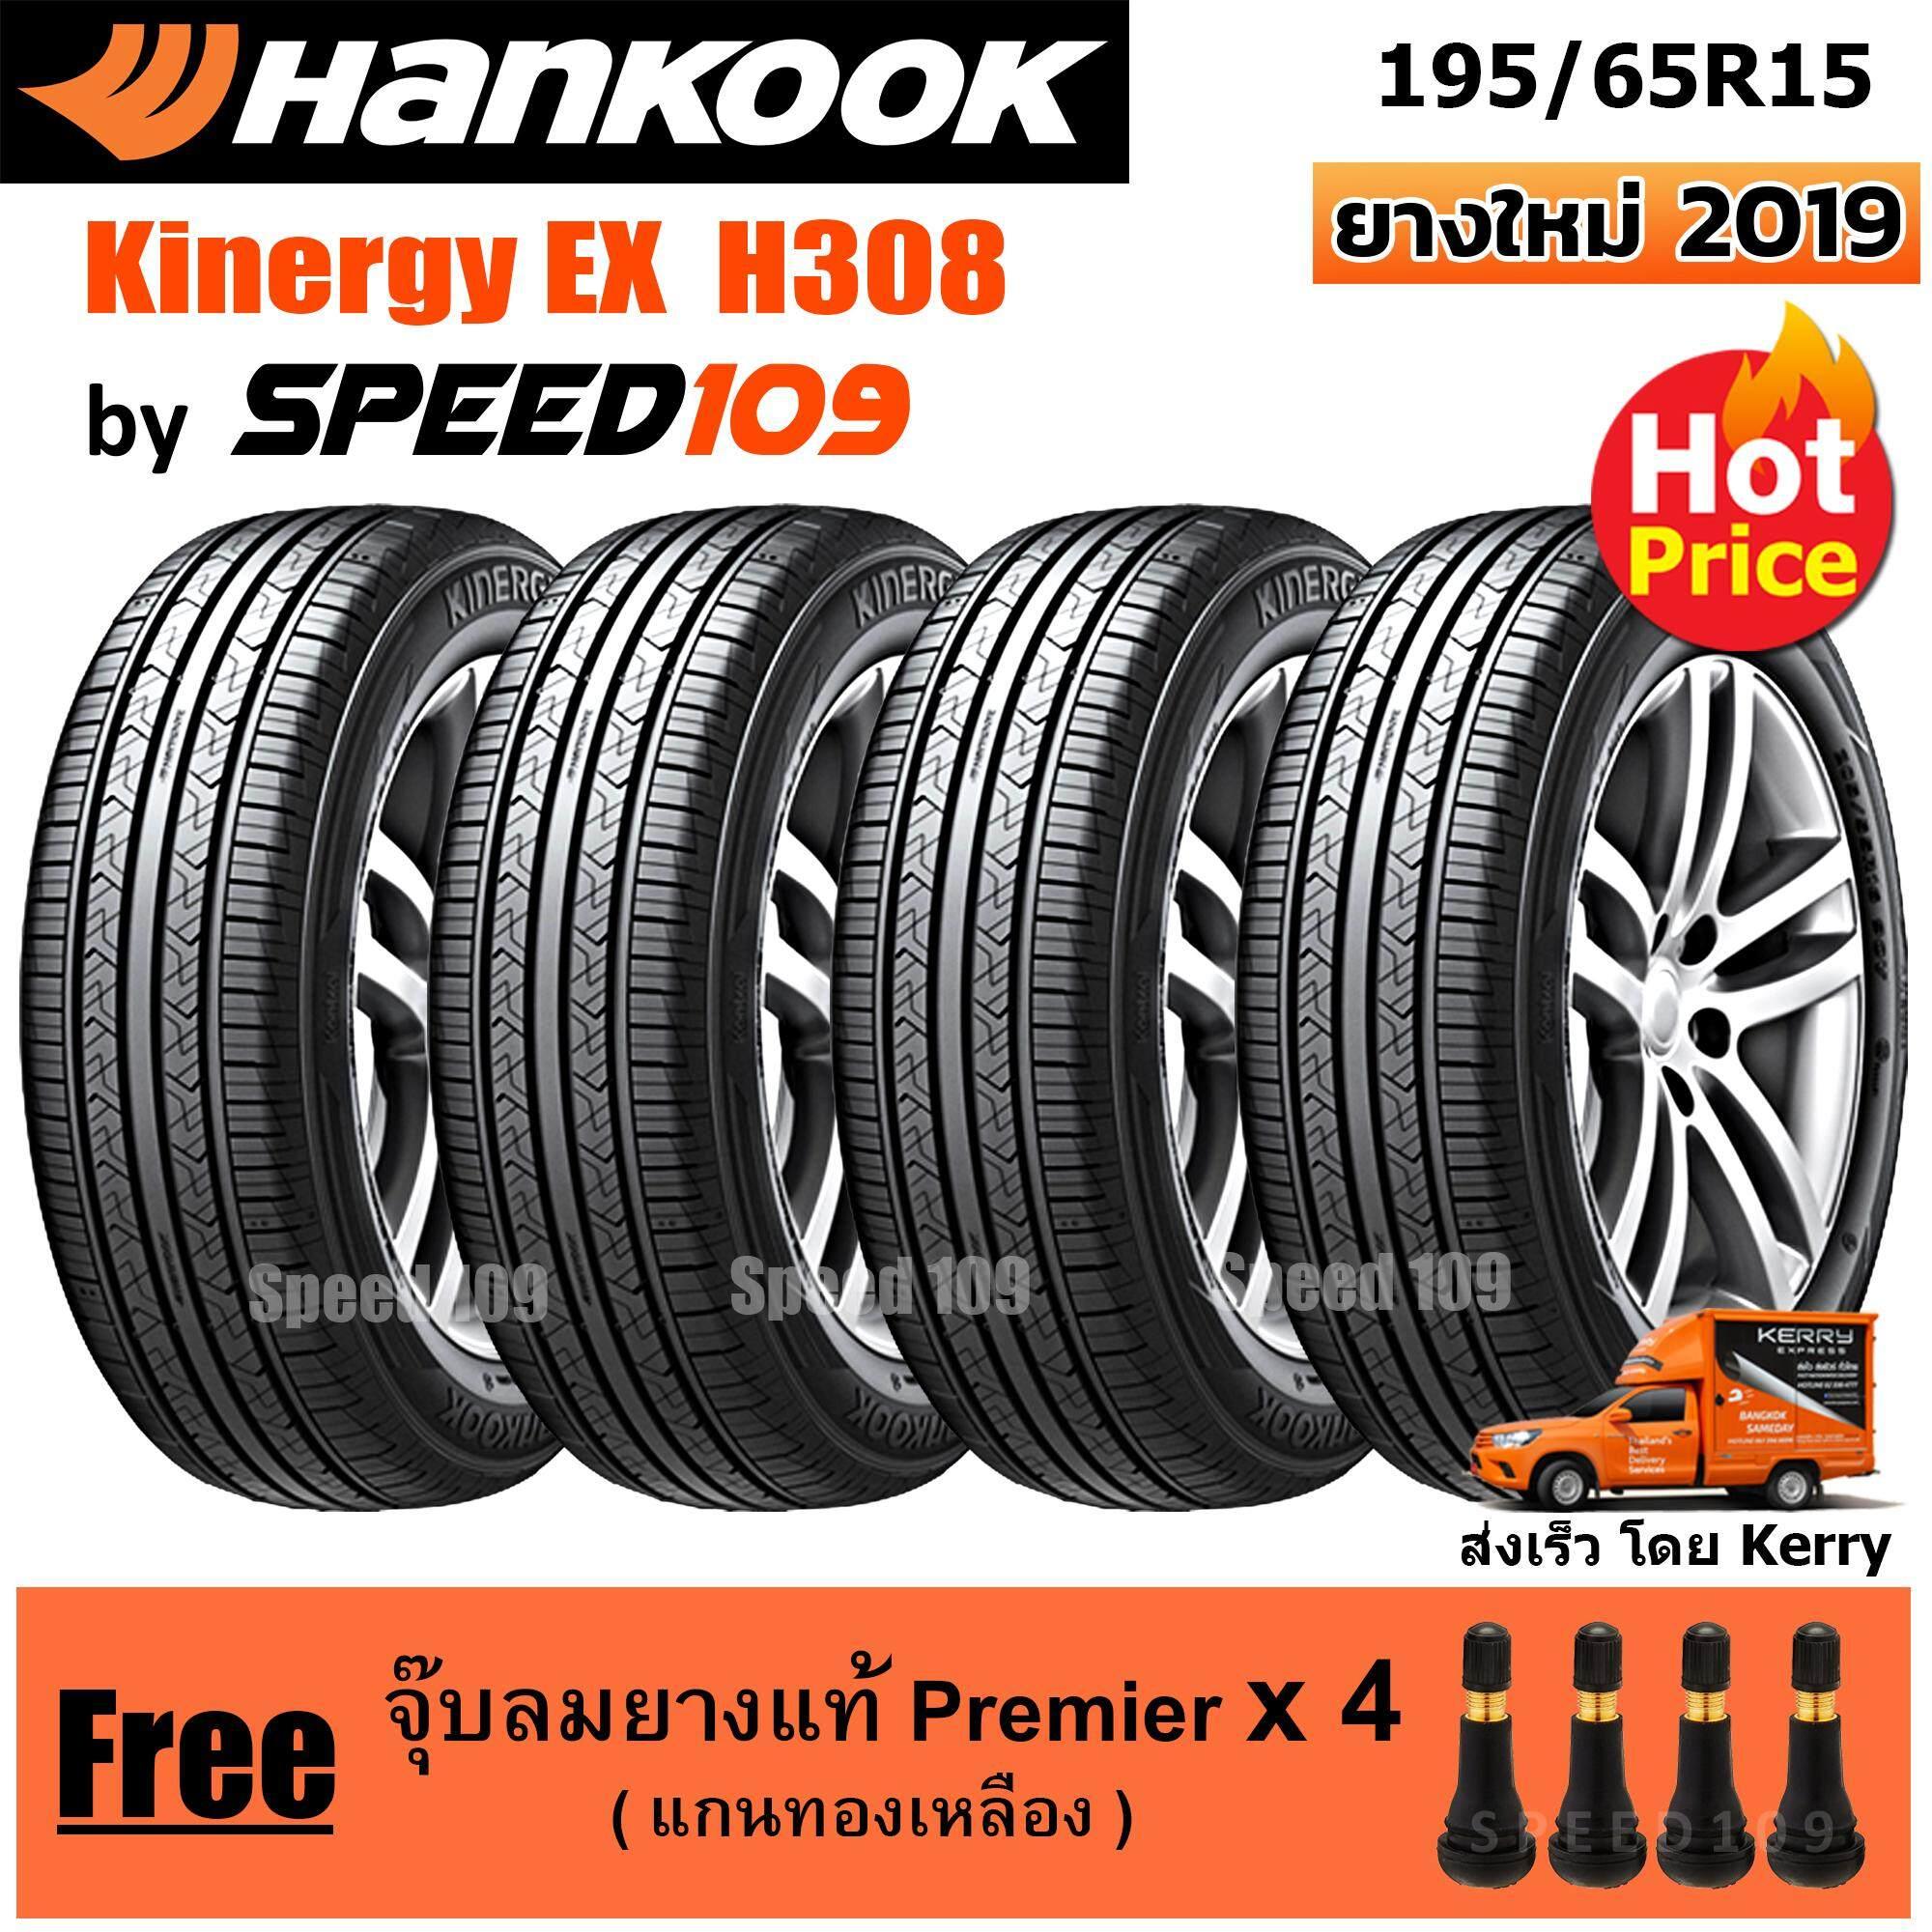 ประกันภัย รถยนต์ ชั้น 3 ราคา ถูก ชุมพร HANKOOK ยางรถยนต์ ขอบ 15 ขนาด 195/65R15 รุ่น Kinergy EX H308 - 4 เส้น (ปี 2019)